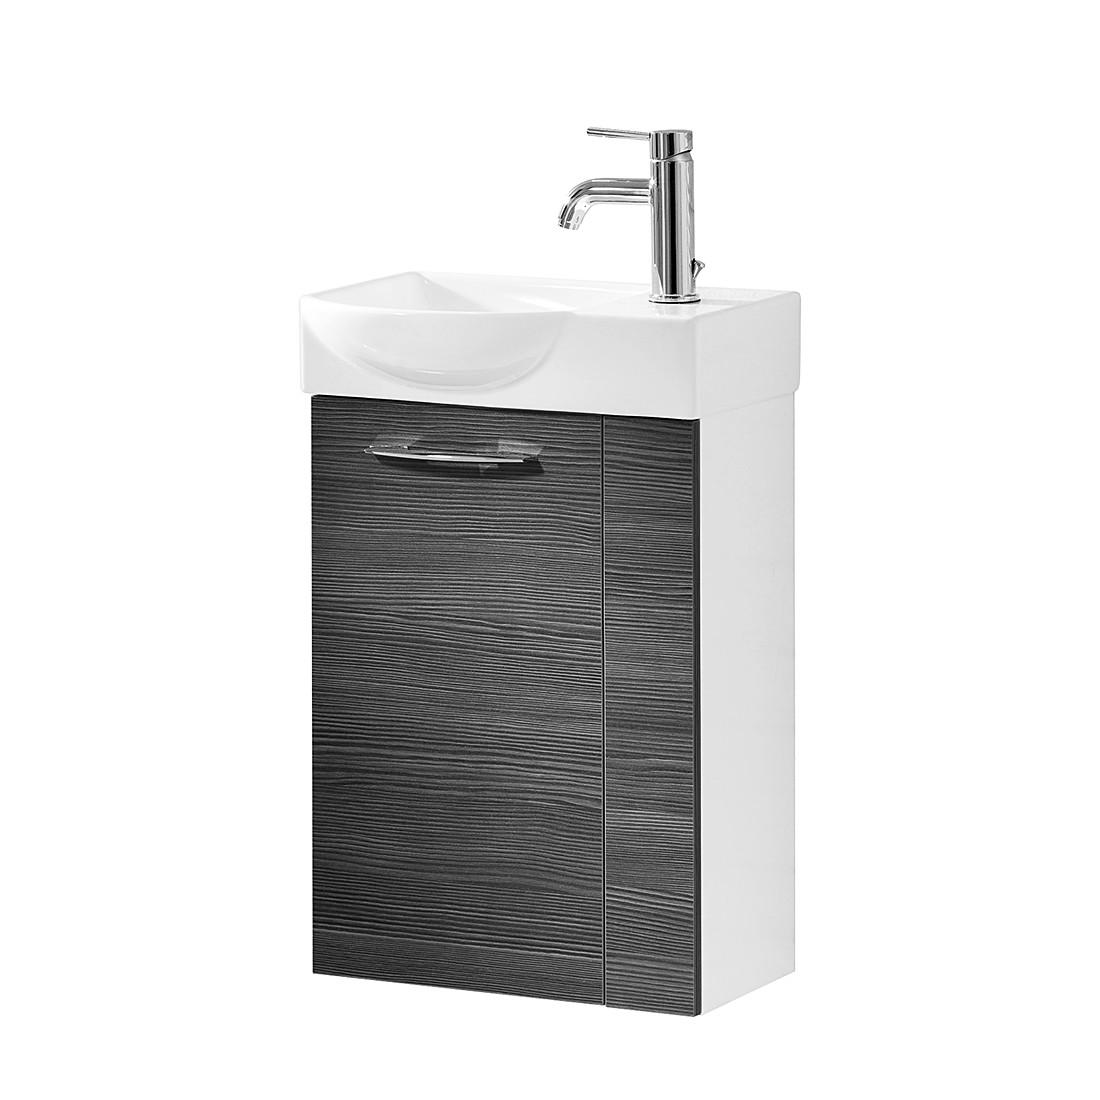 Waschtisch Vadea – Pinie-Anthrazit Dekor/Hochglanz Weiß – 45 cm – Links, Fackelmann kaufen